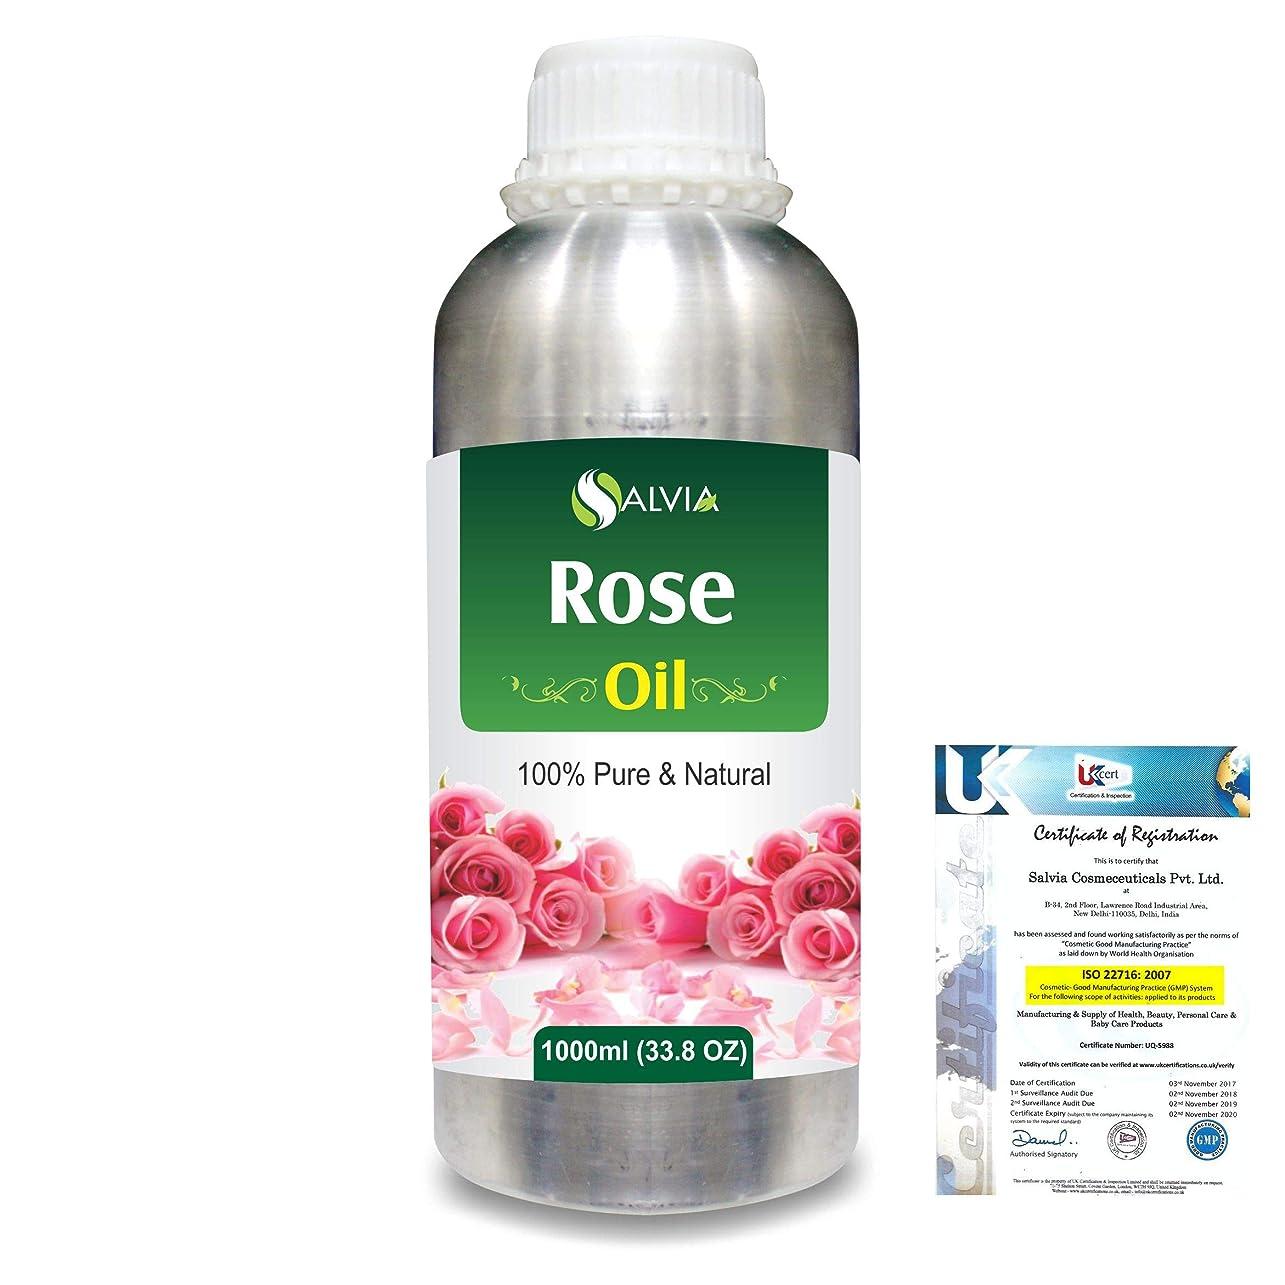 概要欲望ナチュラルRose (Rosa Damacenia) 100% Natural Pure Essential Oil 1000ml/33.8fl.oz.